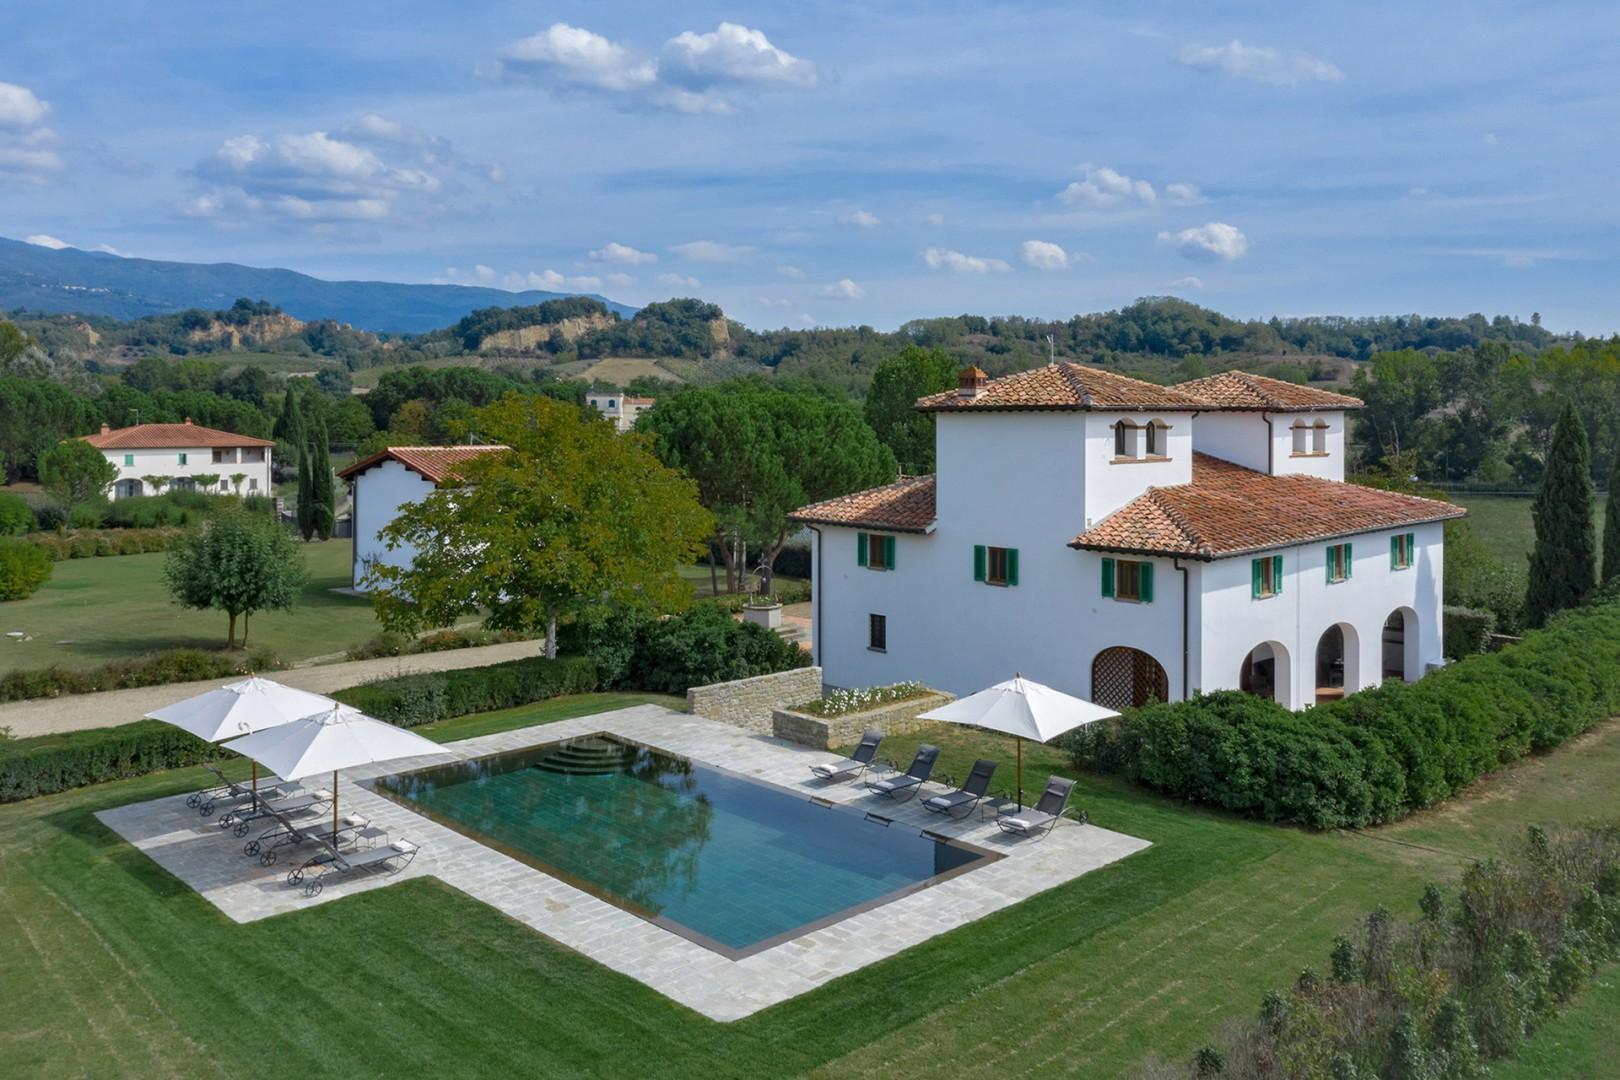 Tucano Villa is a classic Italian villa in the Tuscan countryside.